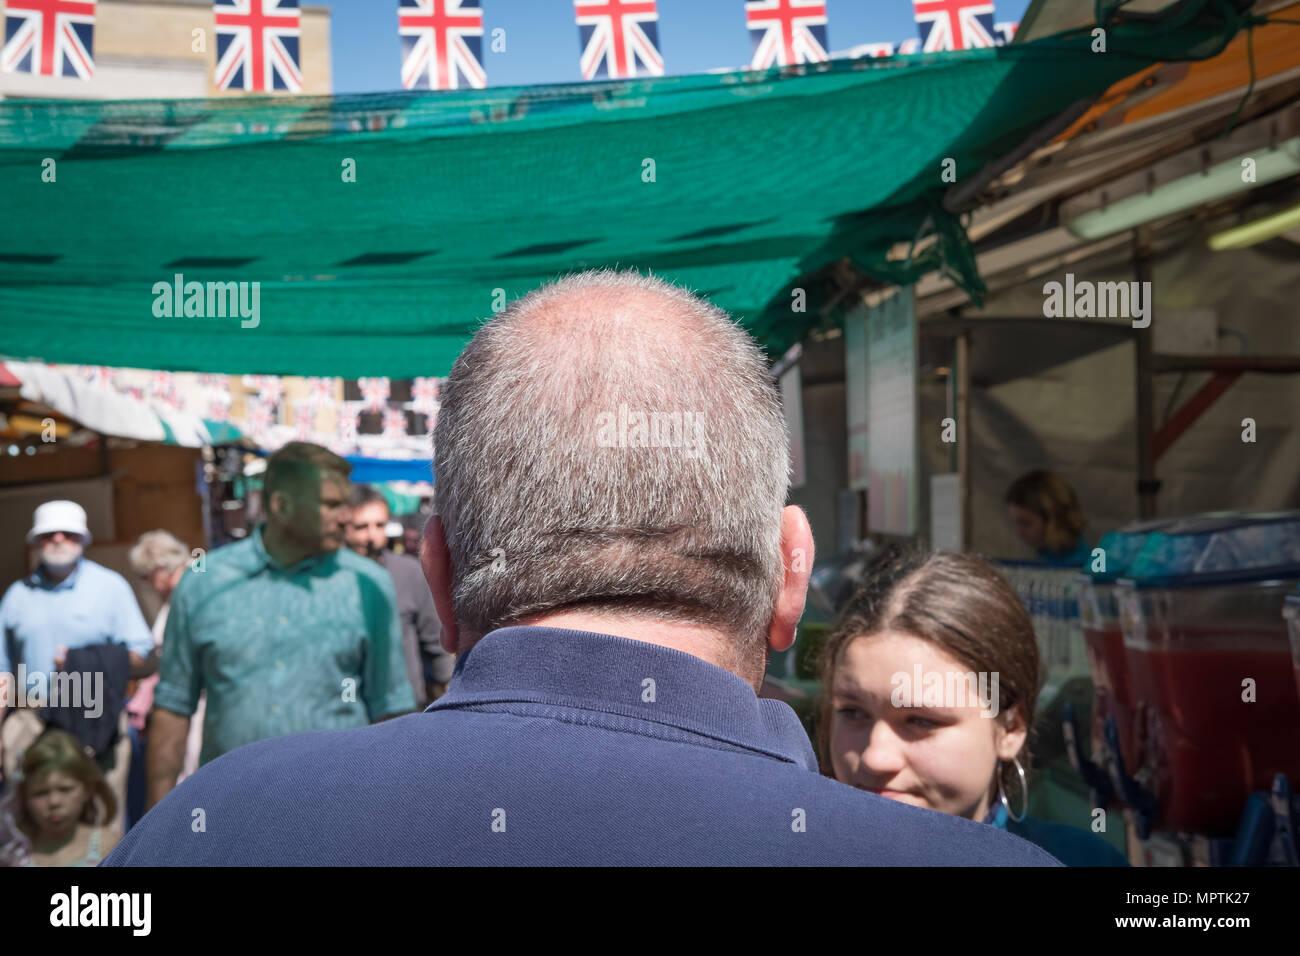 Close-up, l'accent peu profondes d'un homme adulte vu la marche loin de la caméra. Il est situé dans un marché en plein air au cours de la fête. Banque D'Images